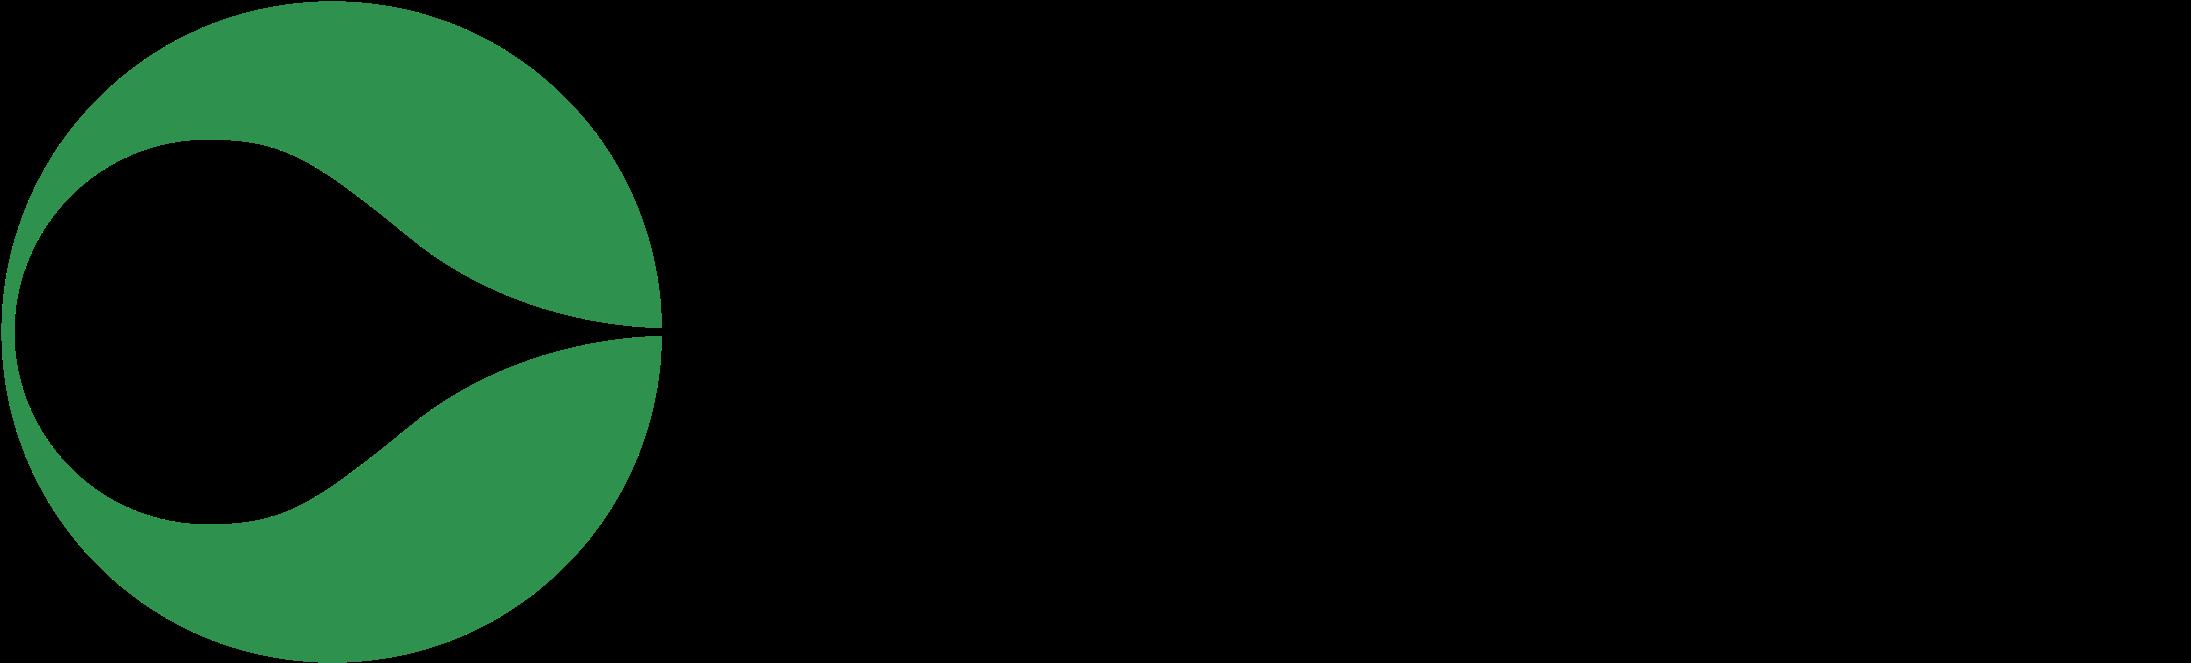 HD Cargill Logo Png Transparent.